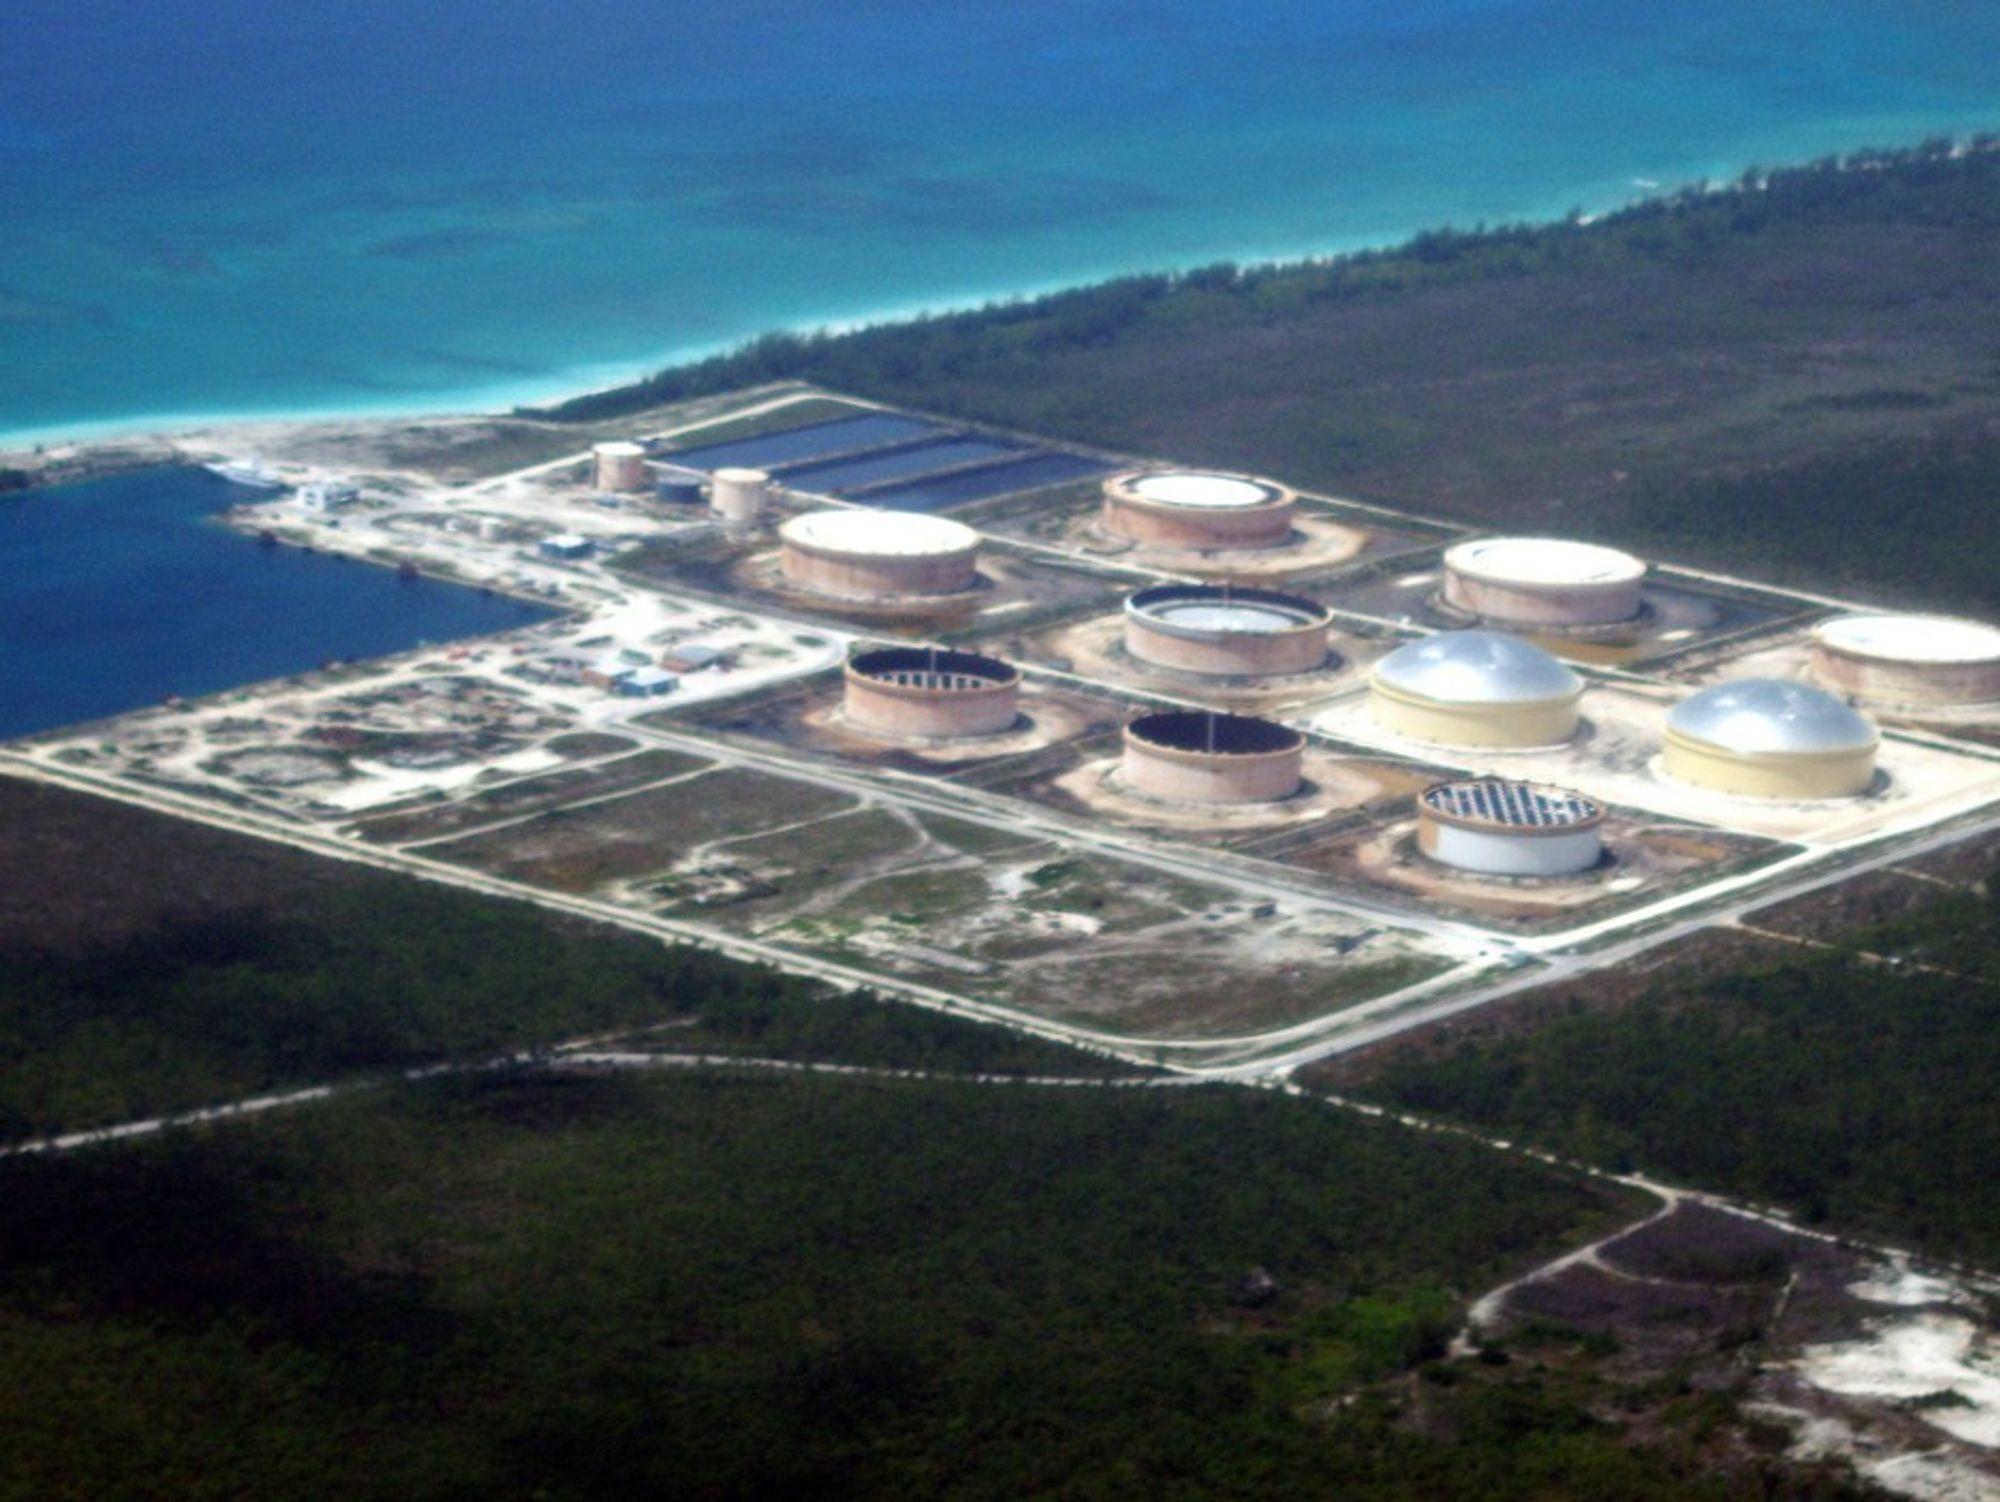 Statoil eier South Riding Point-terminalen på Bahamas. Nå vil de bore etter olje utenfor øygruppen.